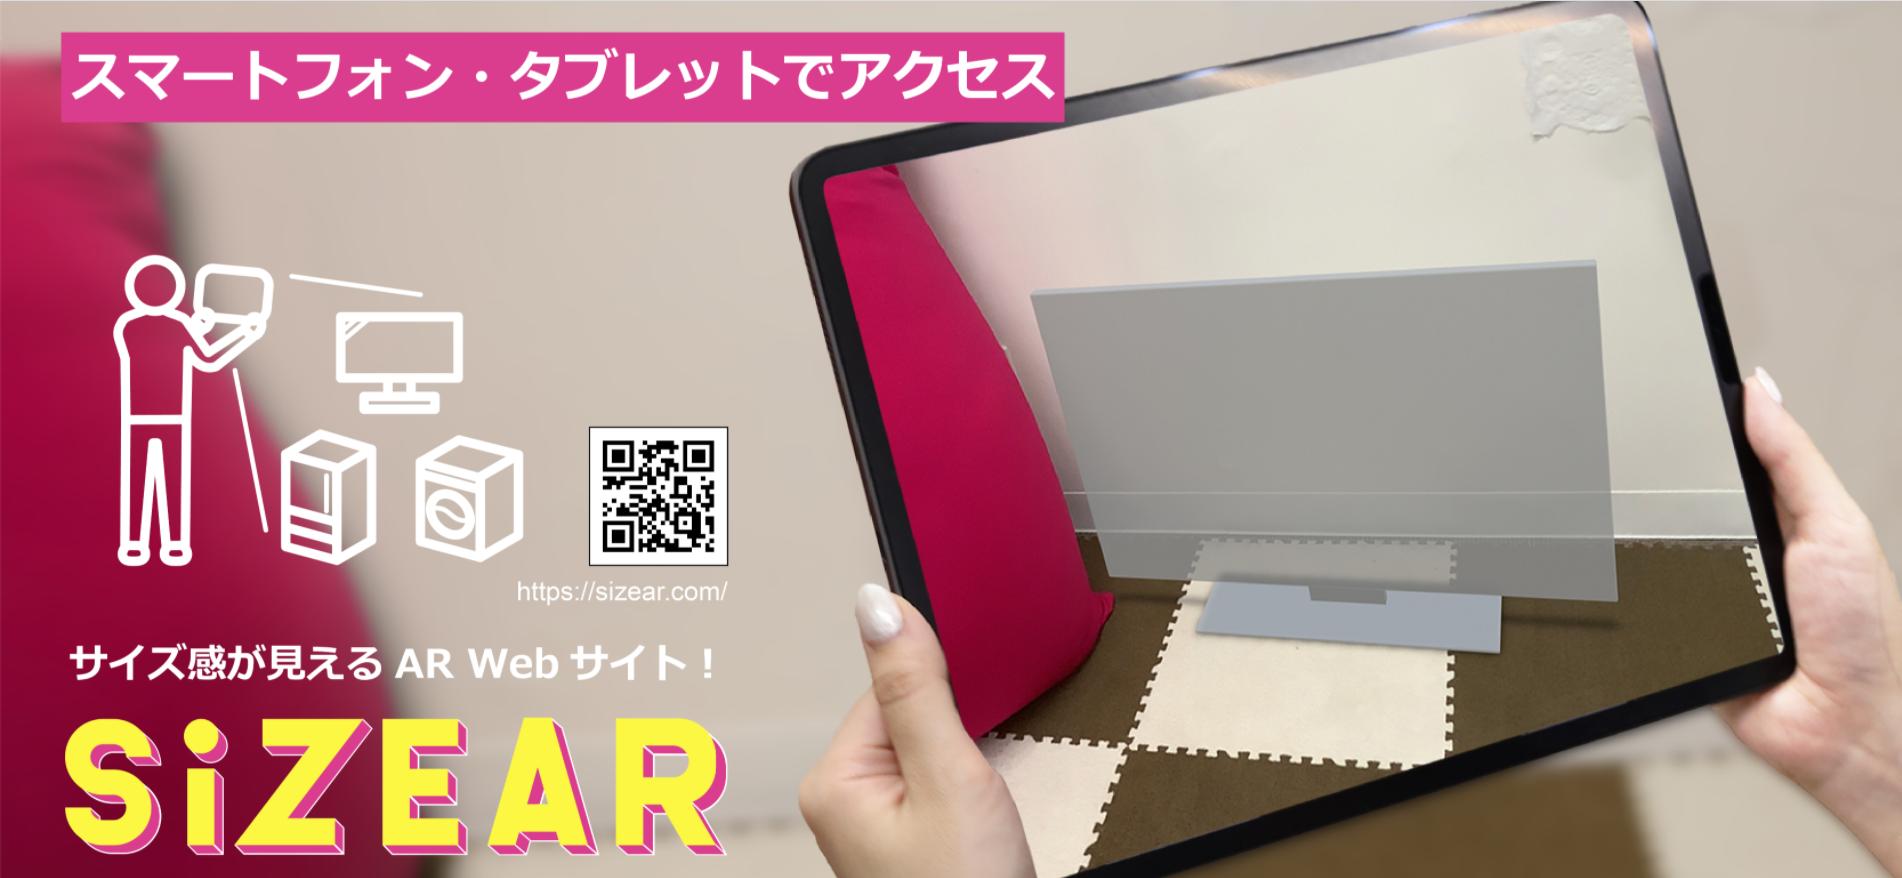 ARで家具・家電のサイズを可視化!ウェブARを活用したサイト「SiZEAR」がオープン